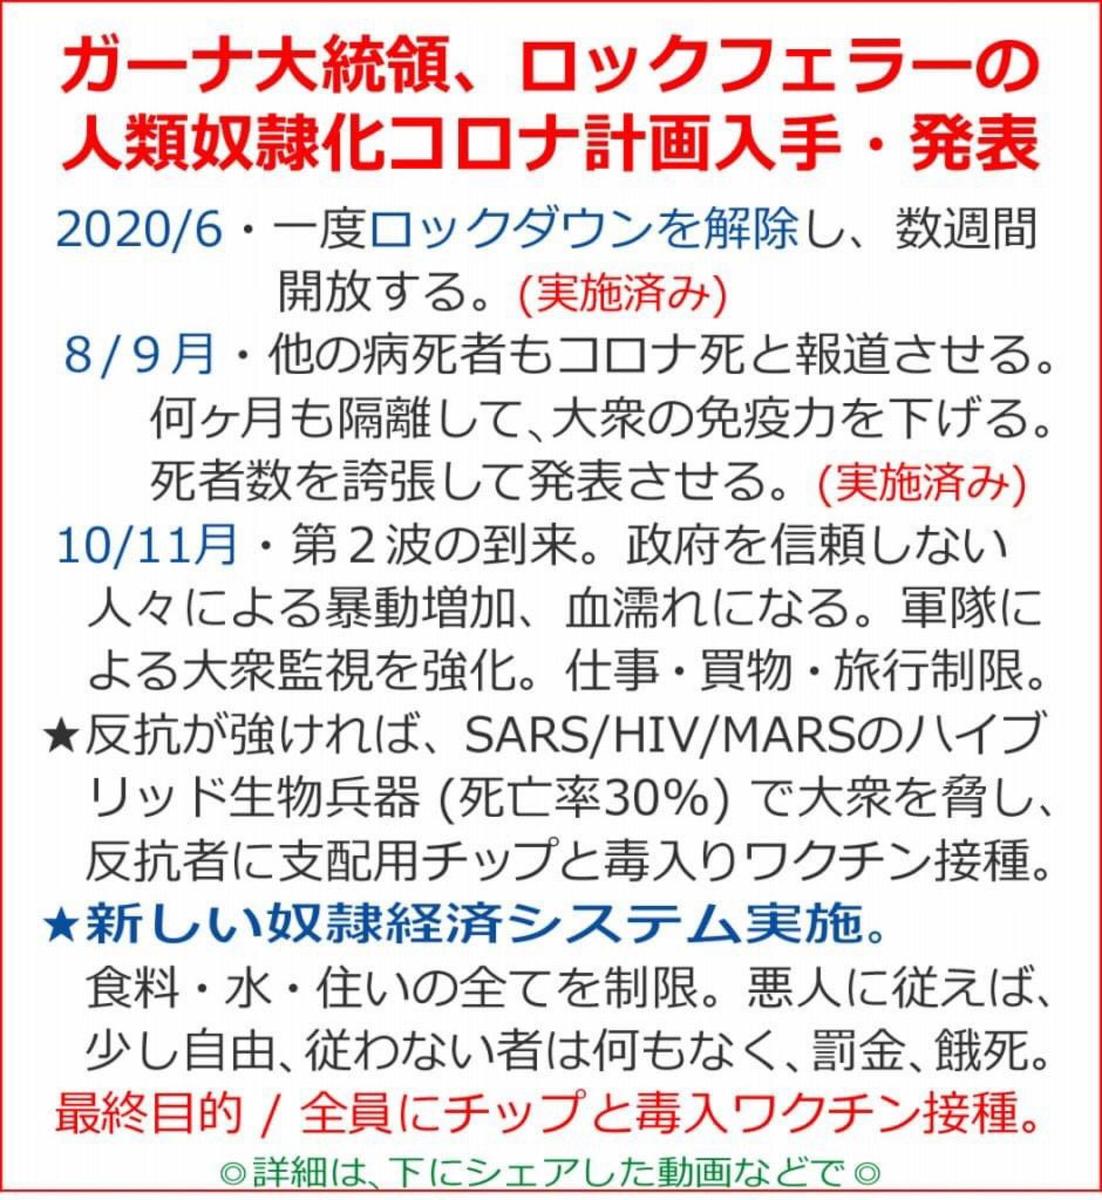 日本も二度目の『ロックダウン』来るか!?計画書通りに事が進む。